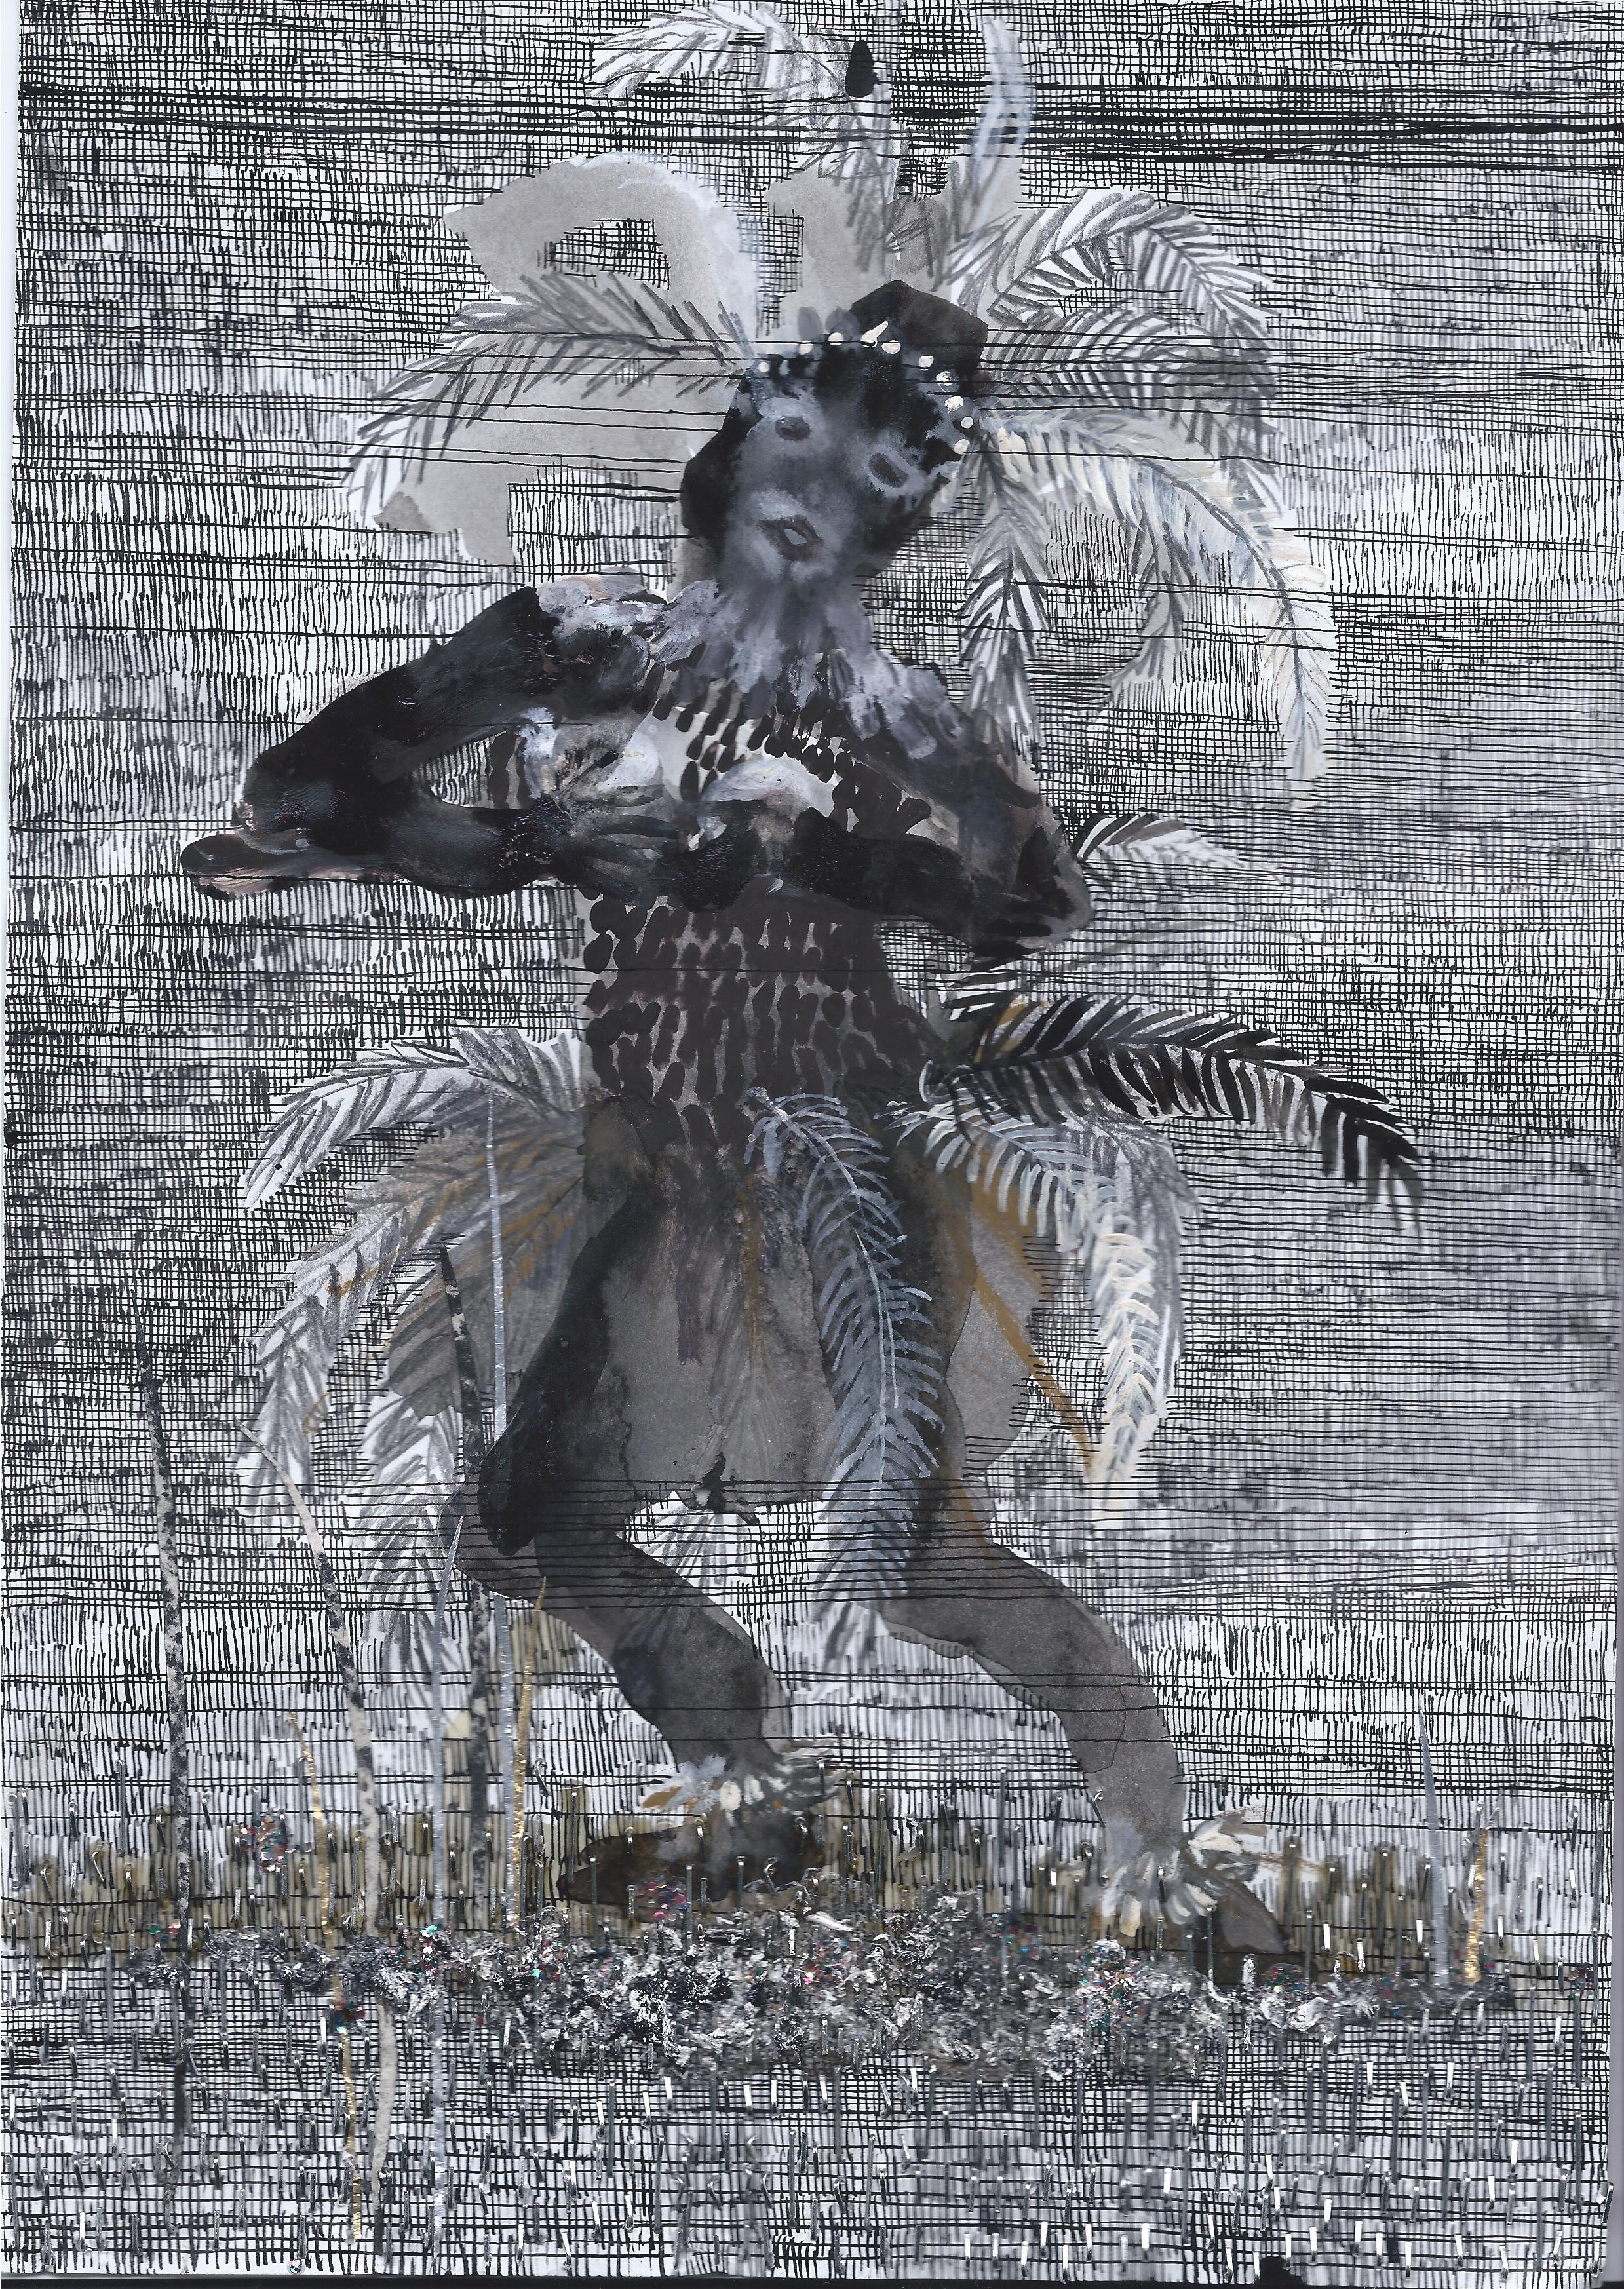 Sans titre - Technique mixte sur papier - 29,5 x 20,5 cm - 2016 - Collection particulière